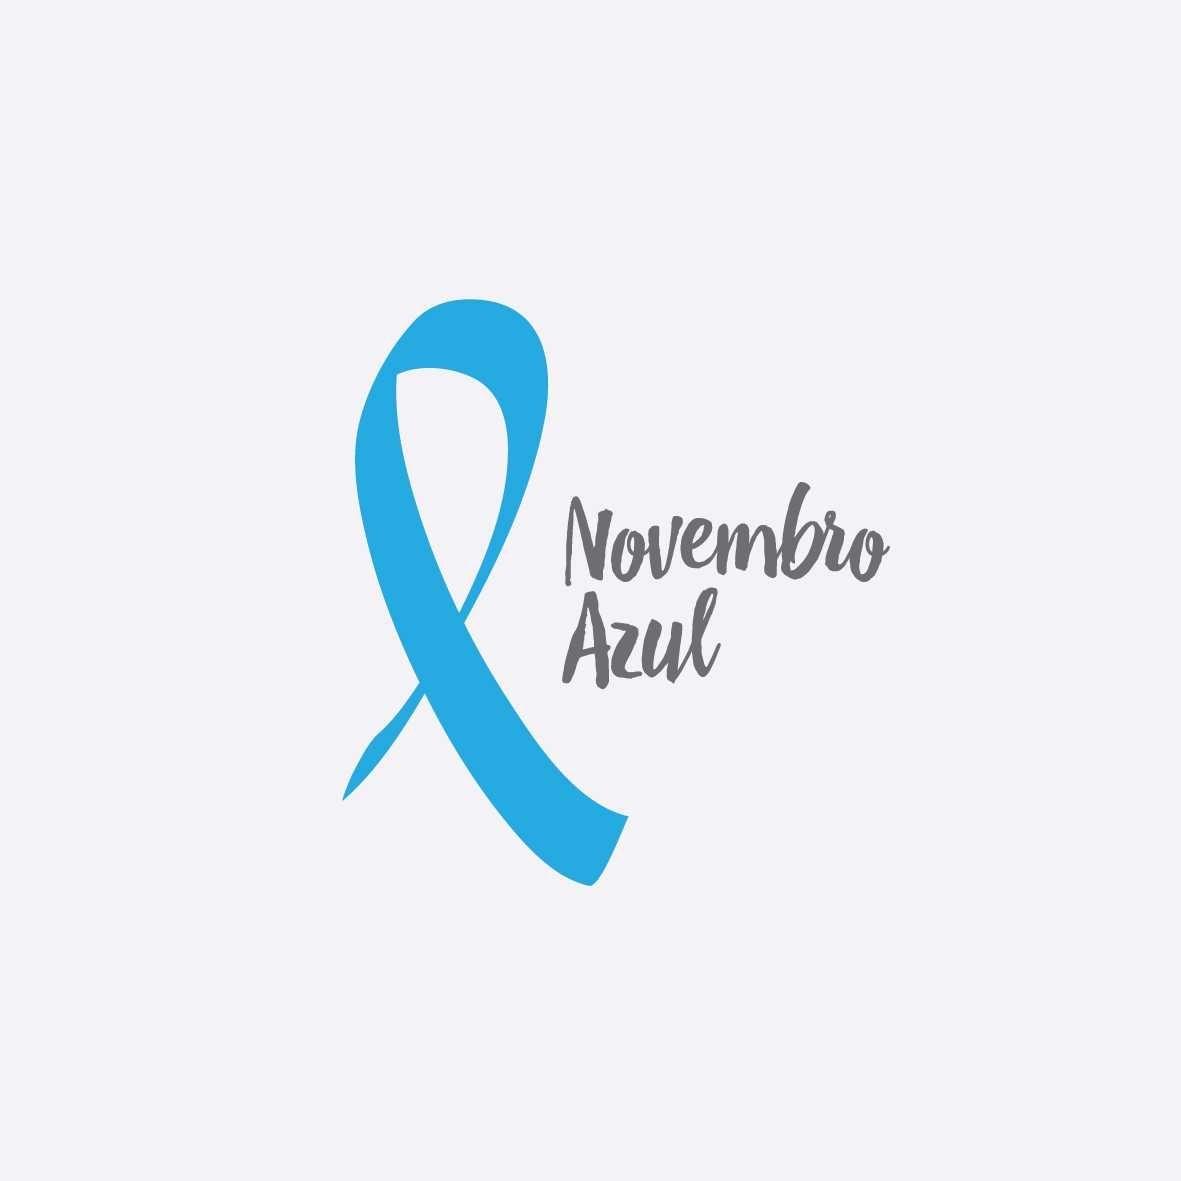 Novembro Azul: Capuccino e Expresso podem reduzir o cancro da próstata